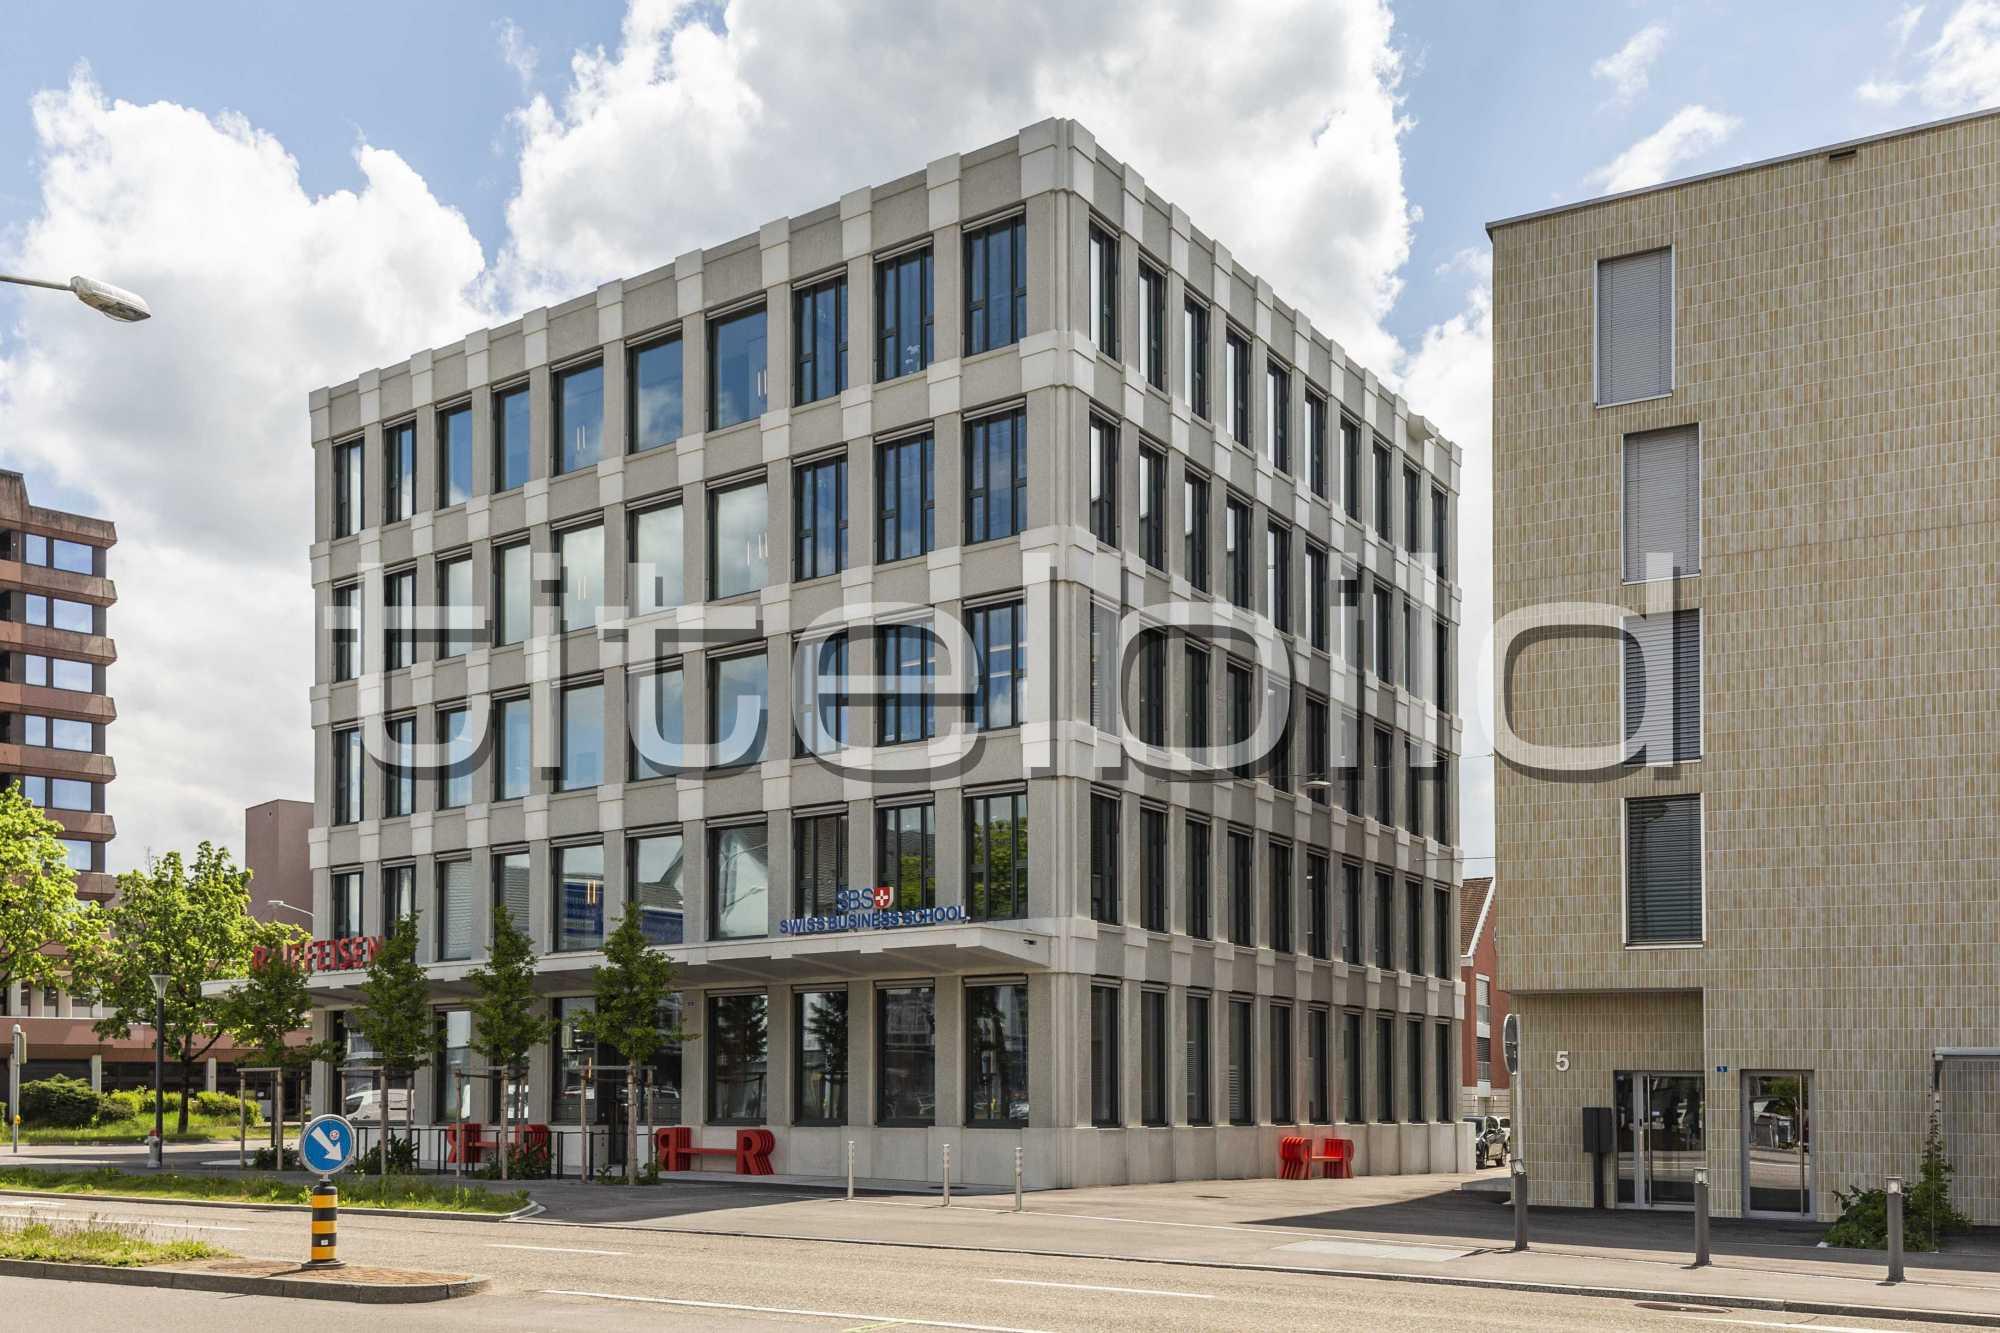 Projektbild-Nr. 7: Neubau Hauptsitz der Raiffeisenbank